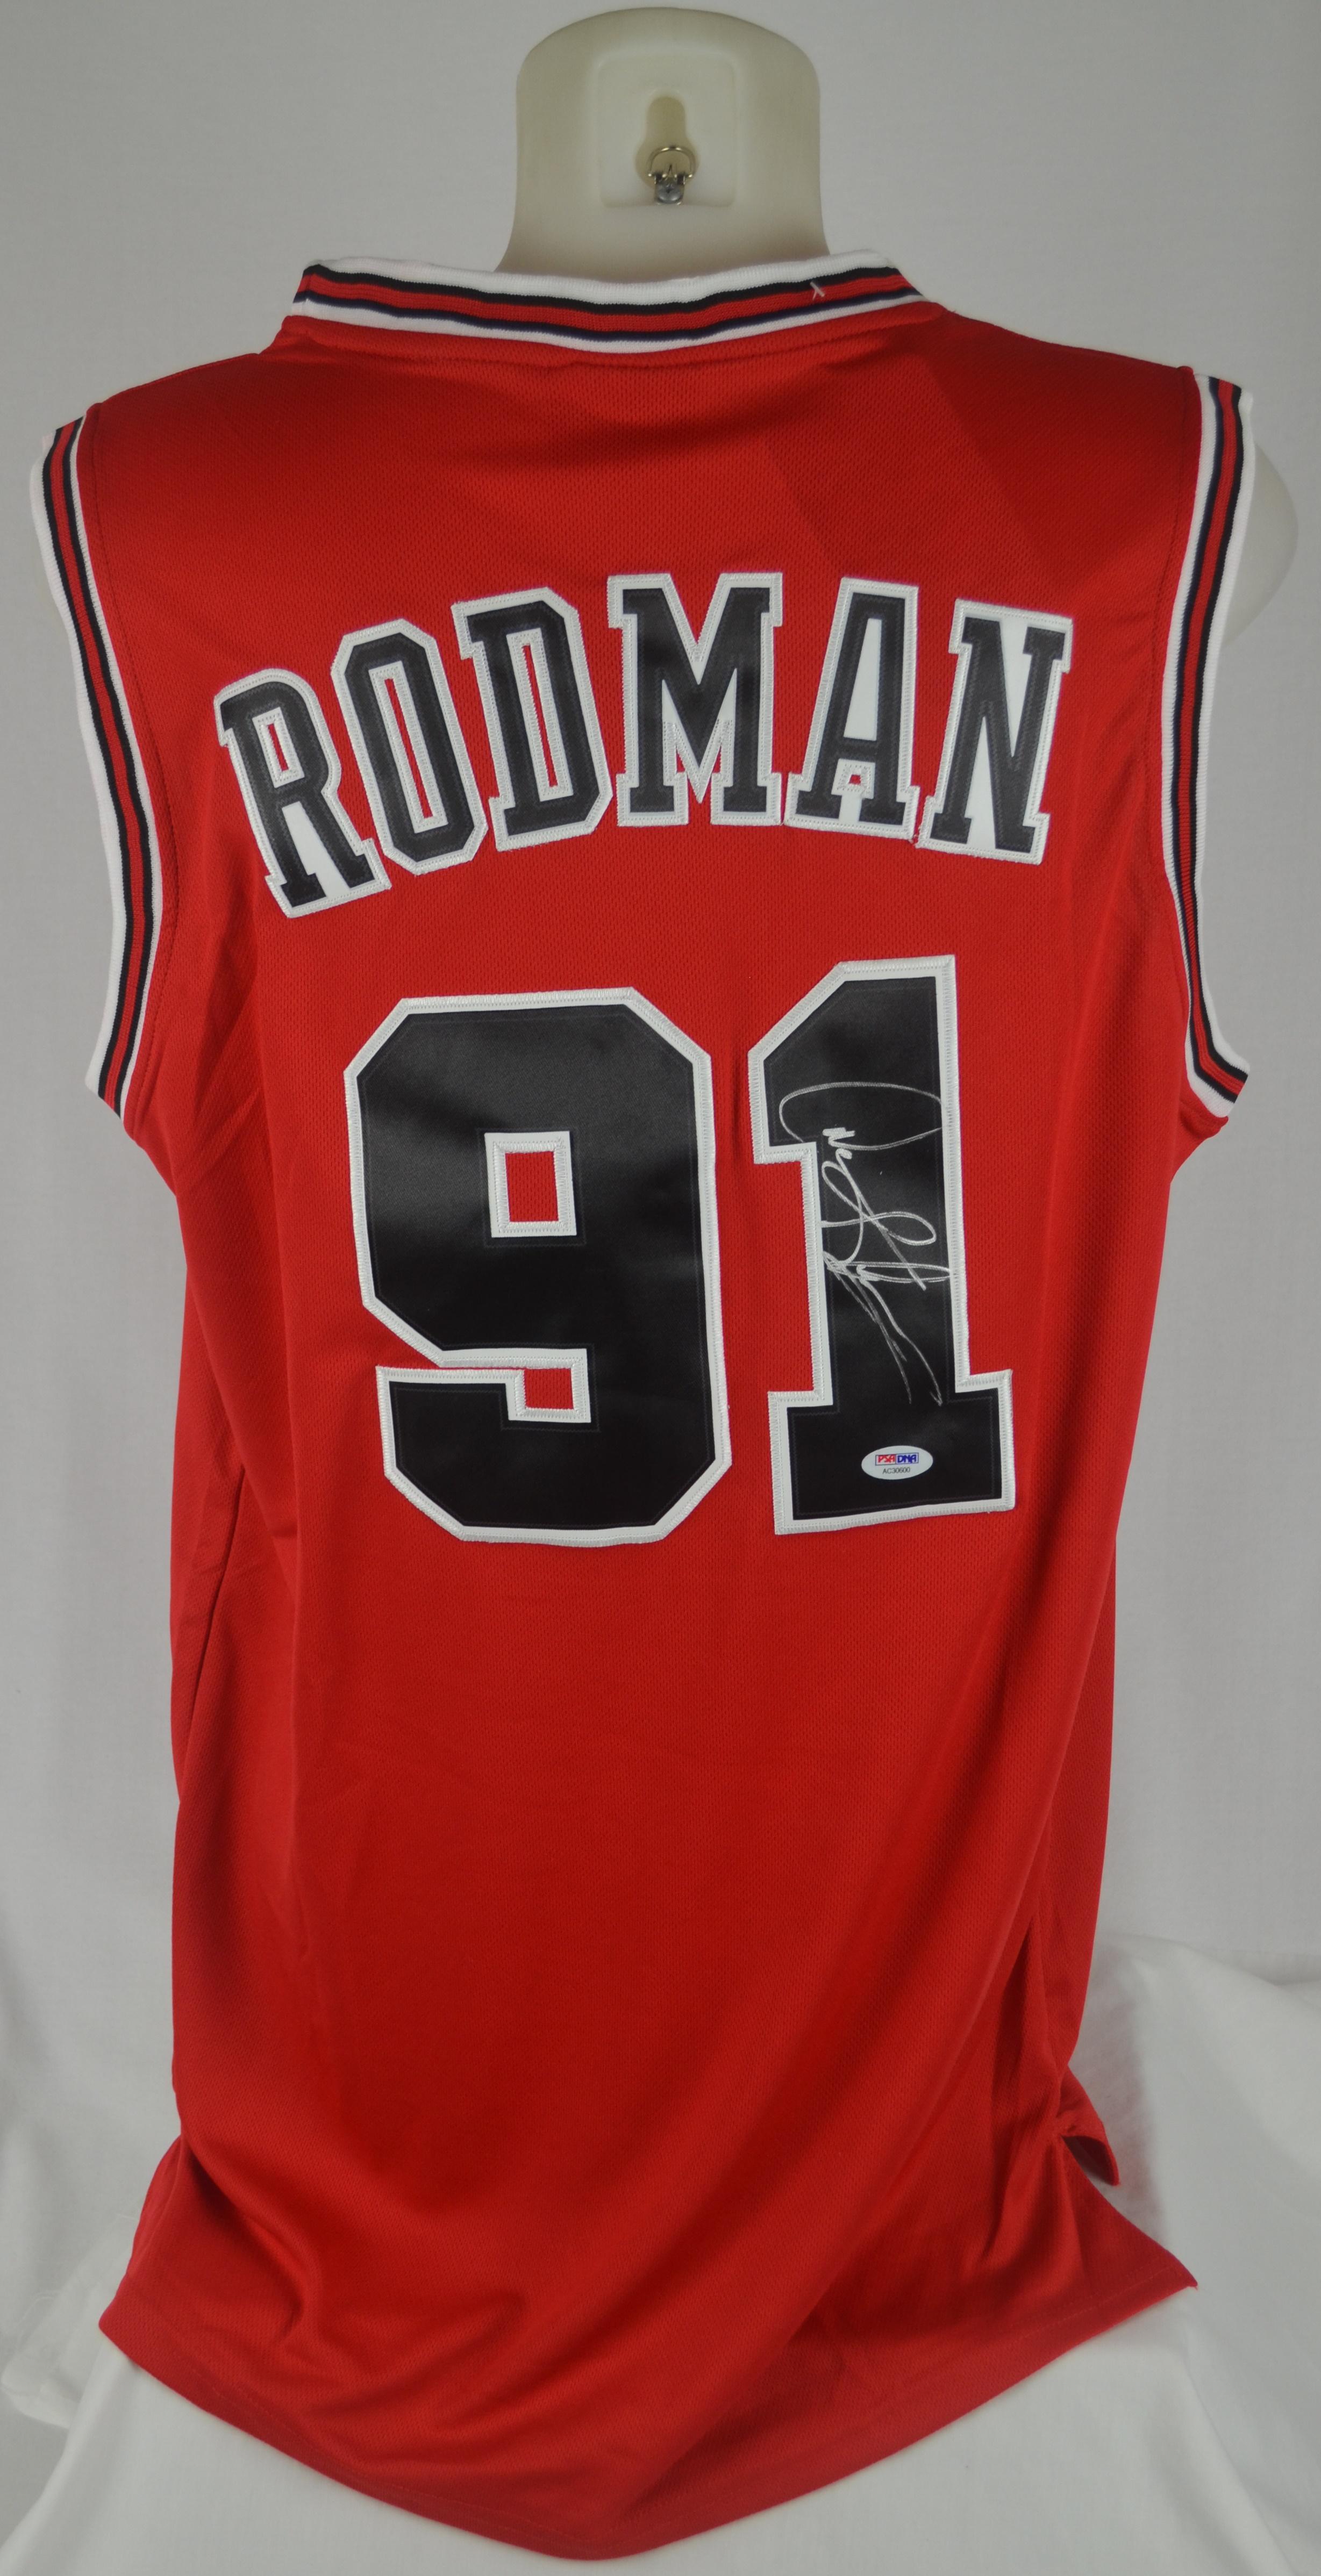 designer fashion 4d8d9 2ce76 Lot Detail - Dennis Rodman Chicago Bulls Autographed Jersey